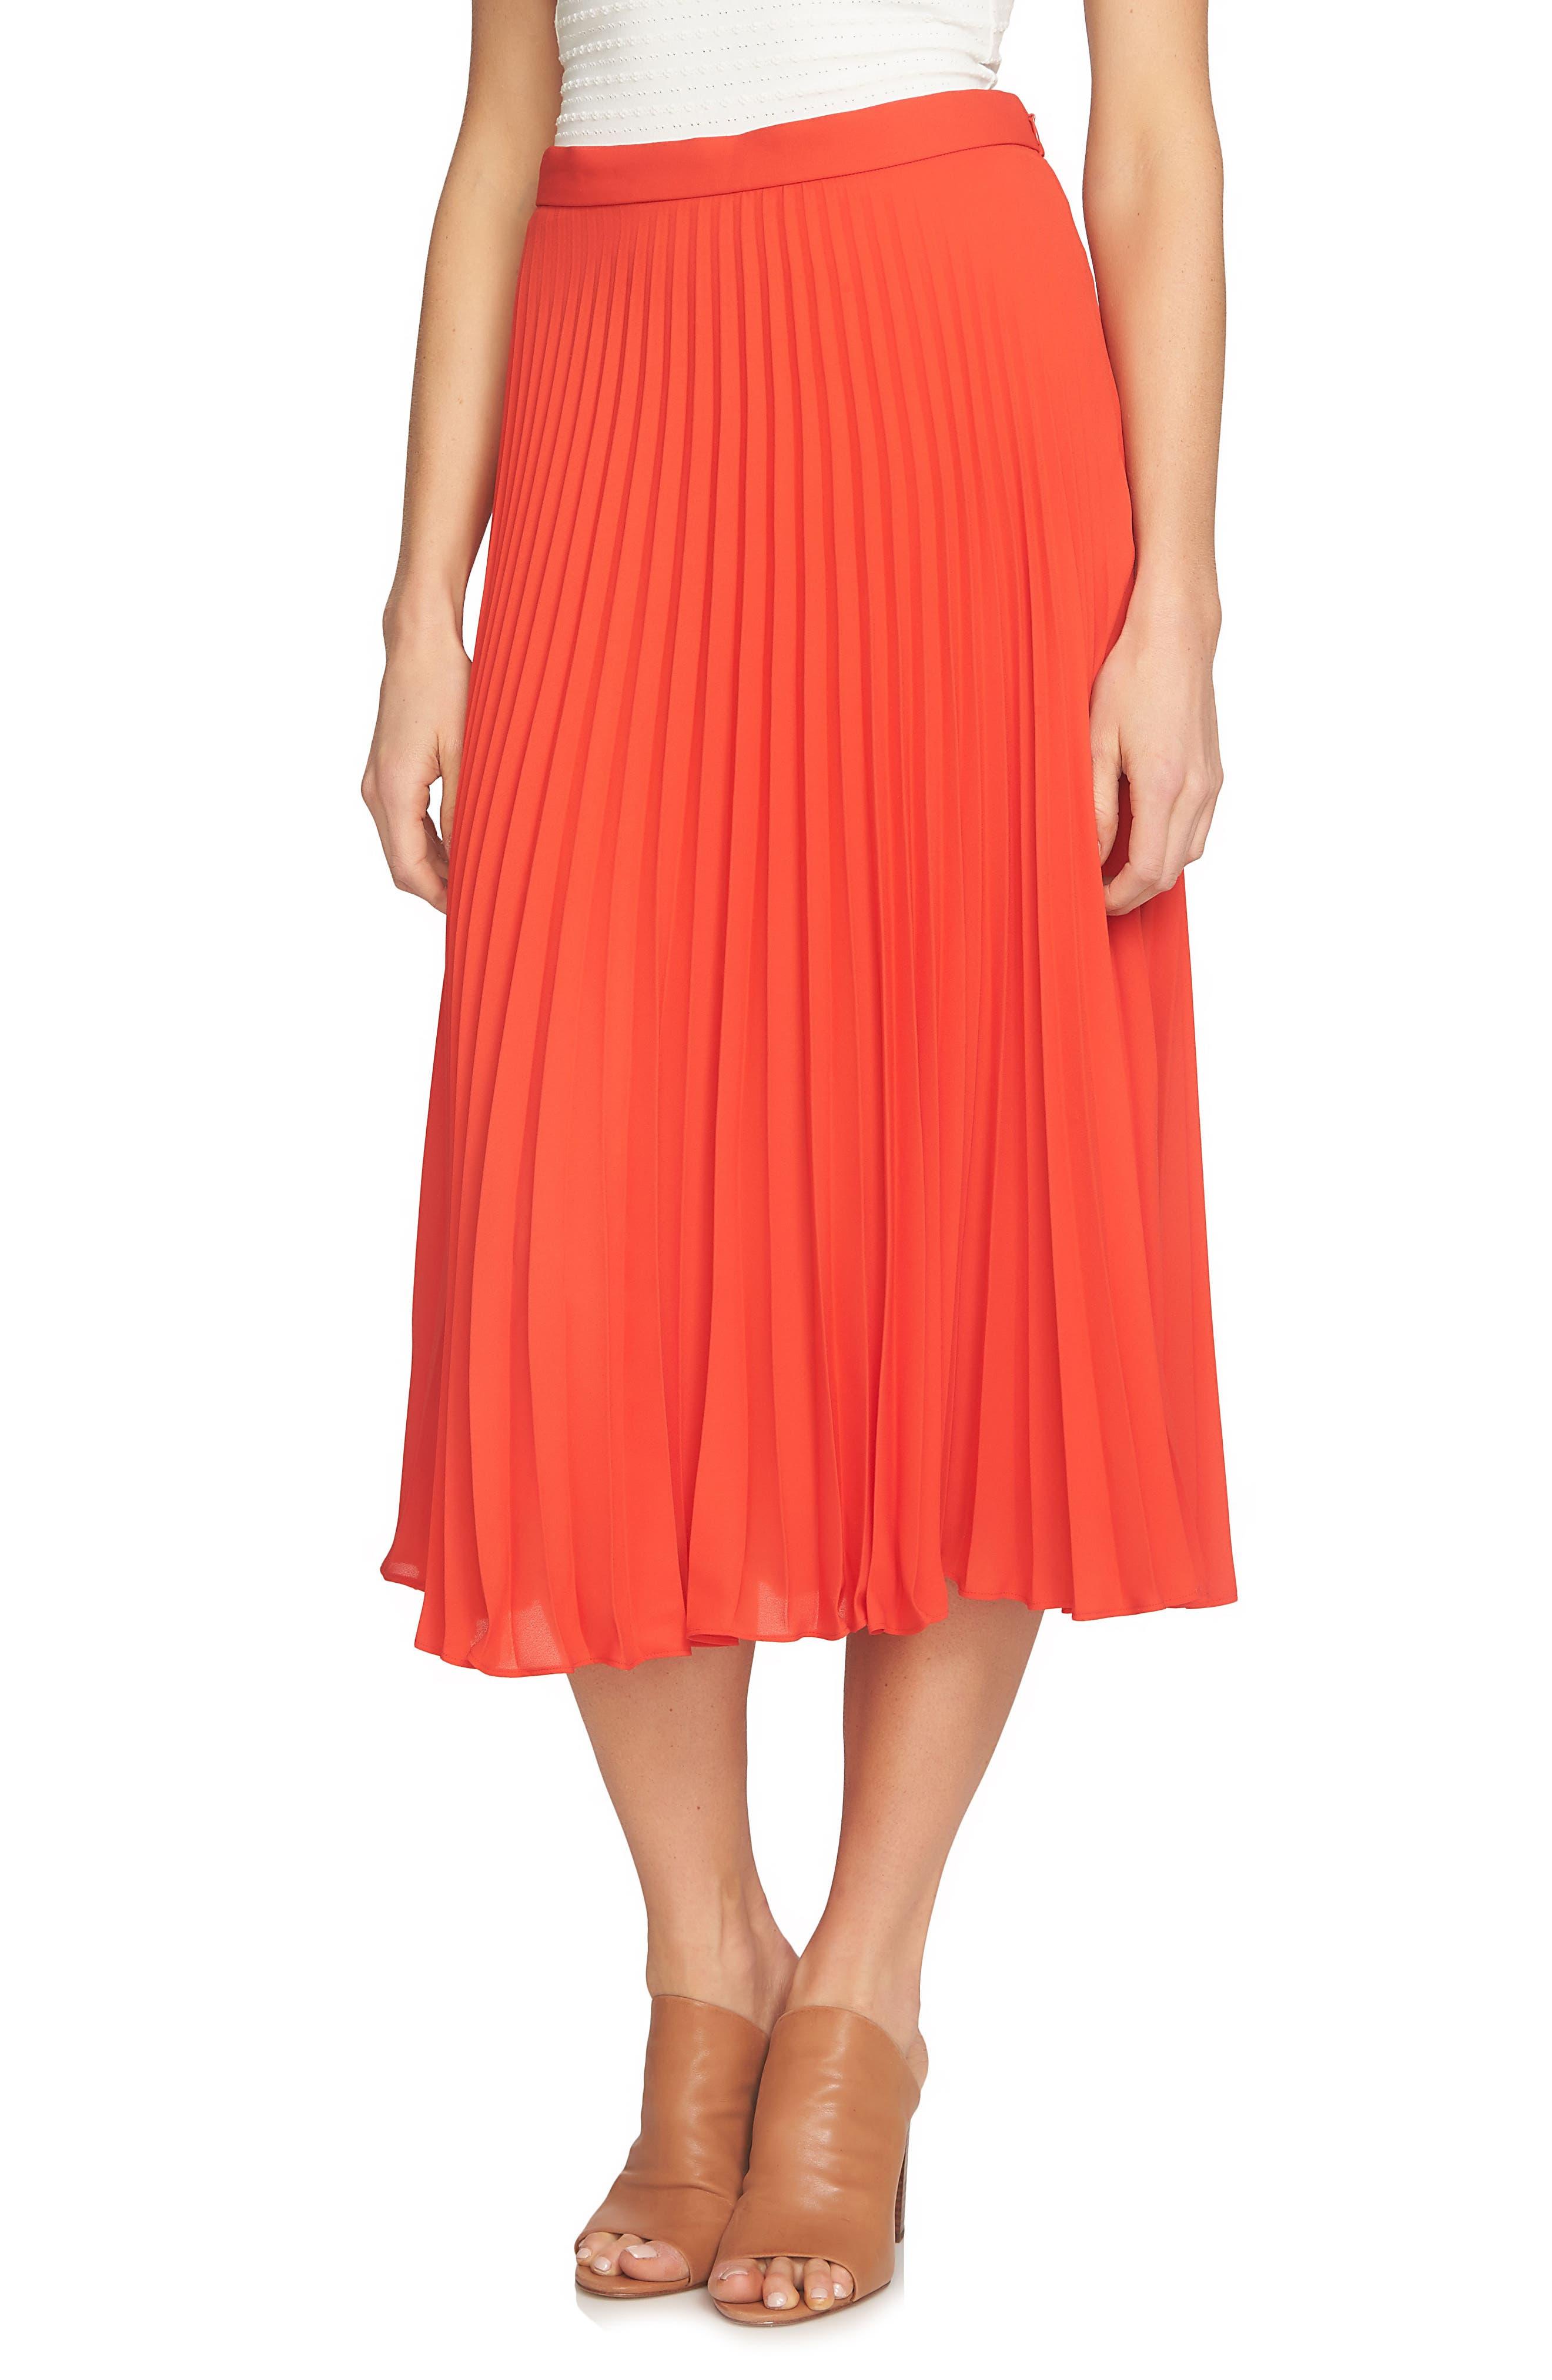 Alternate Image 1 Selected - 1.STATE Pleated Midi Skirt